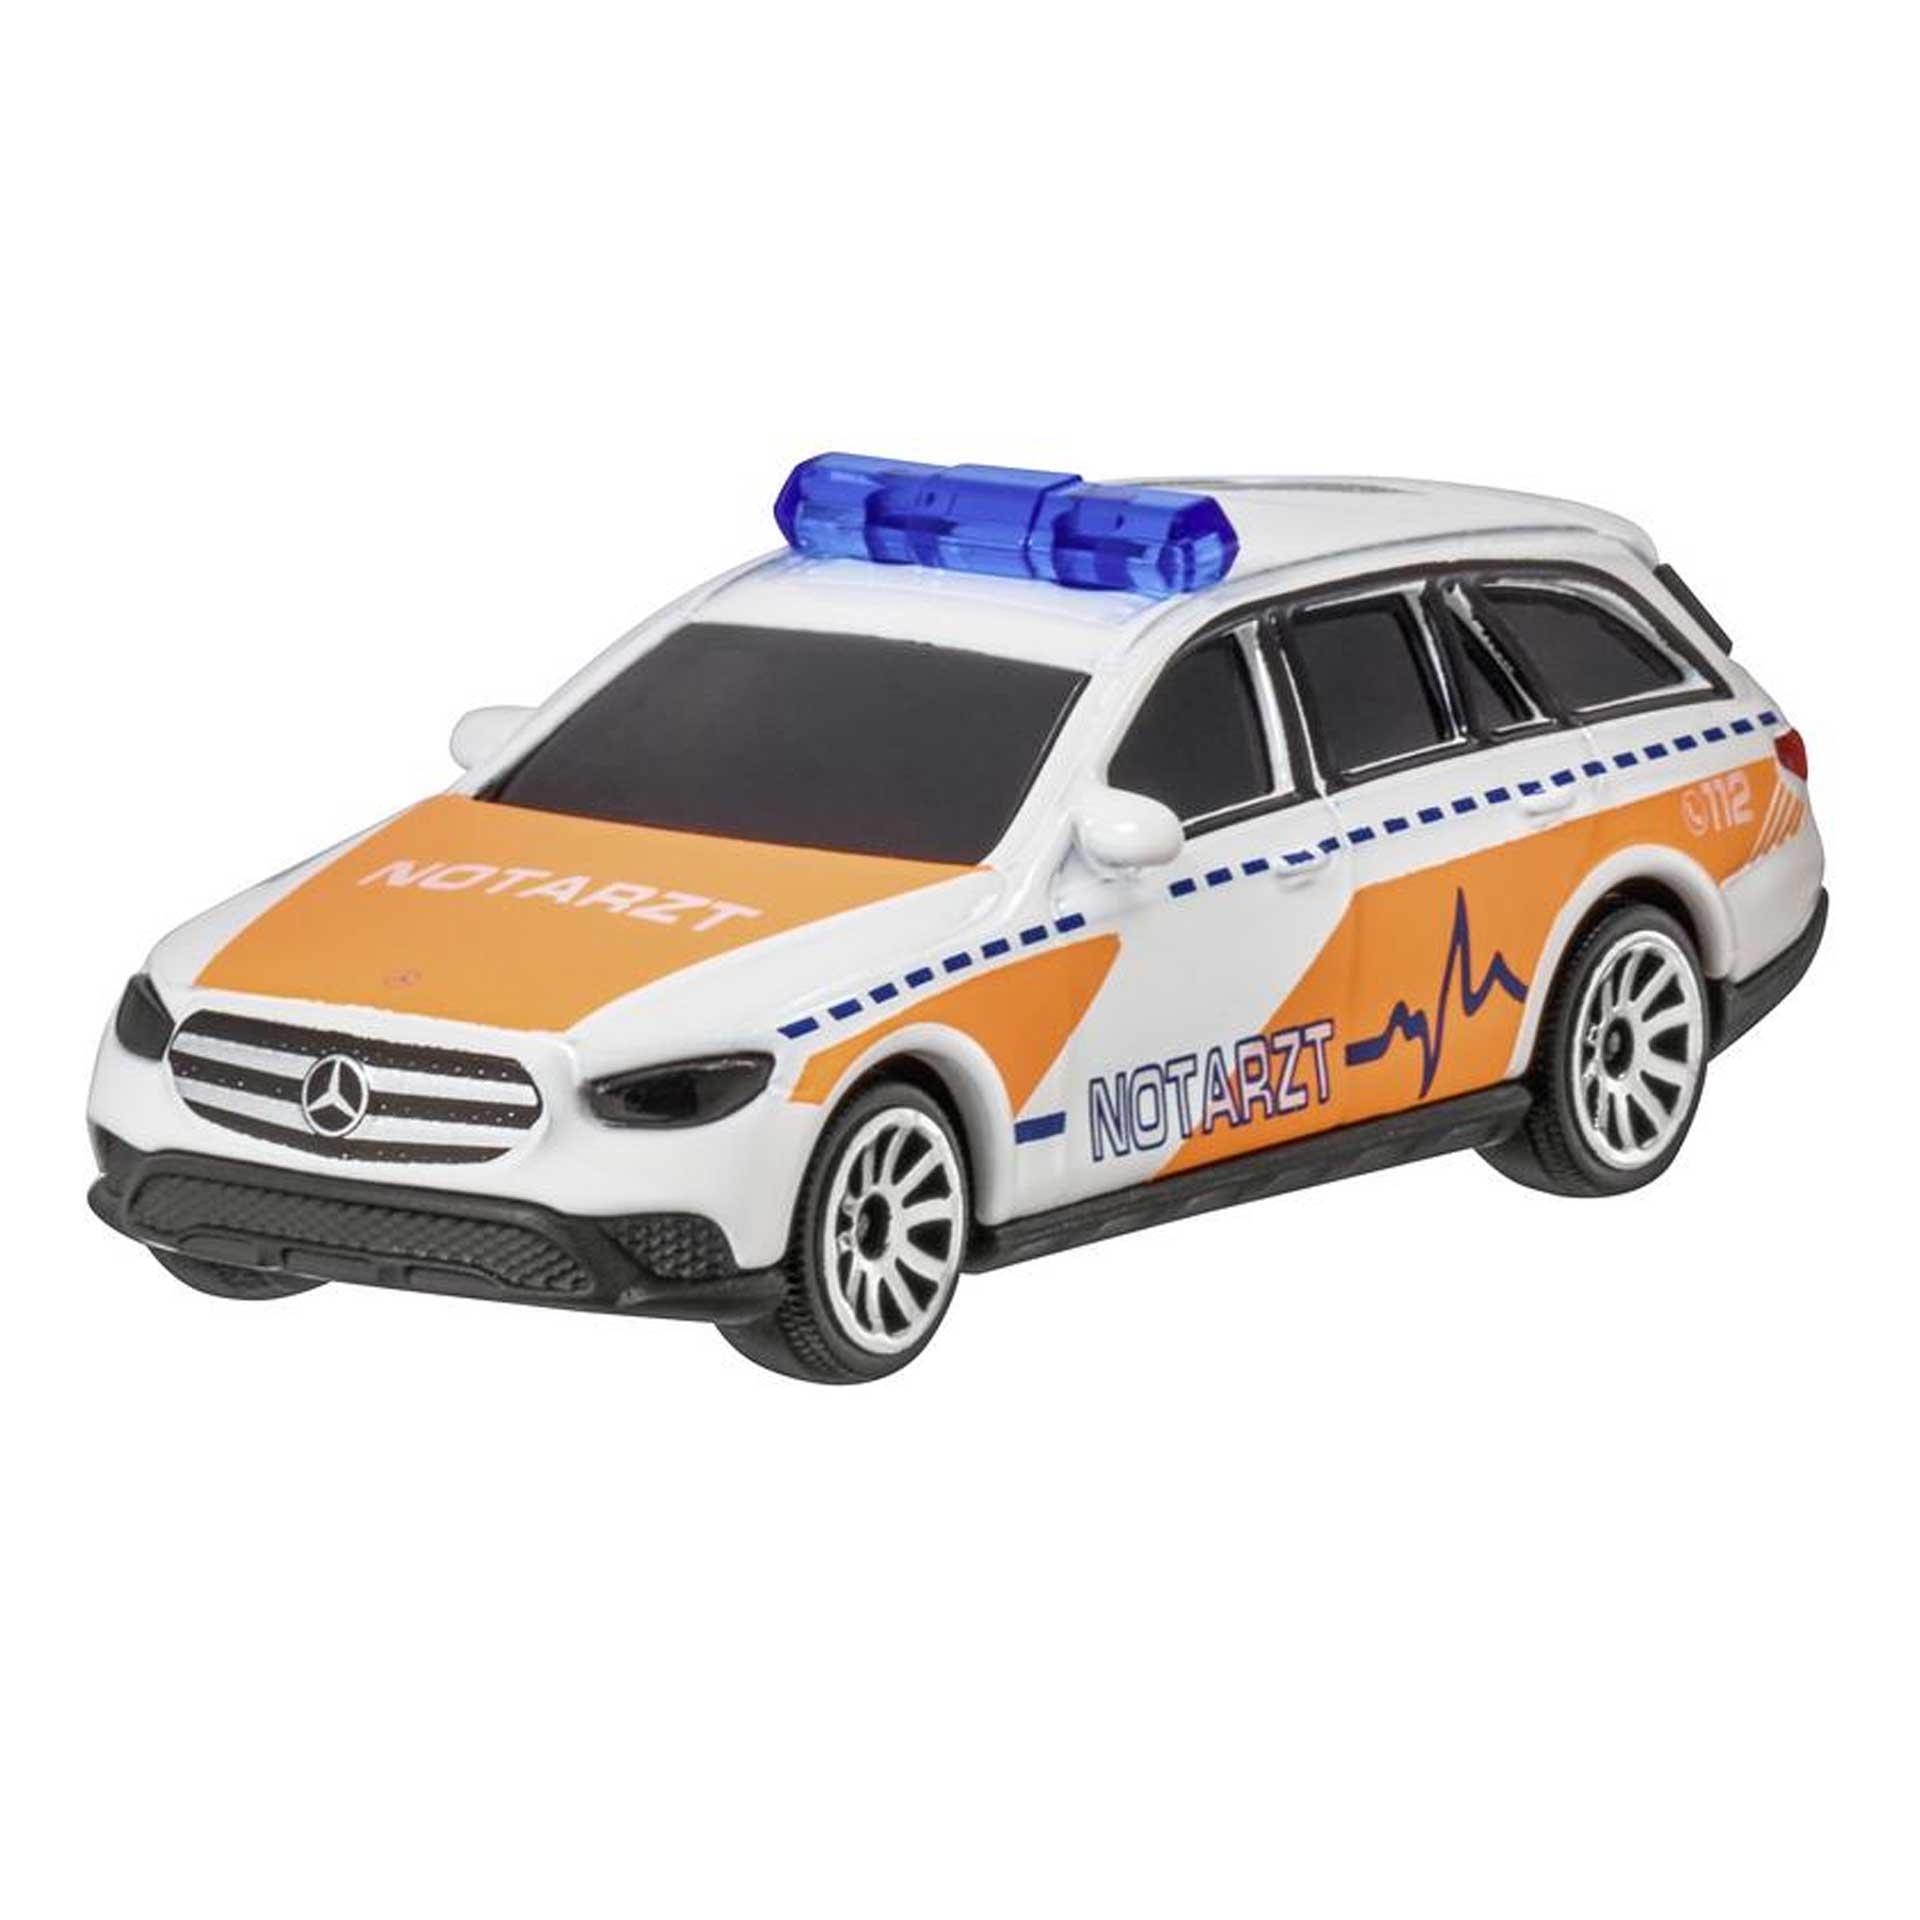 Mercedes-Benz Modellauto E-Klasse Notarzt S213 T-Modell All-Terrain 1:64